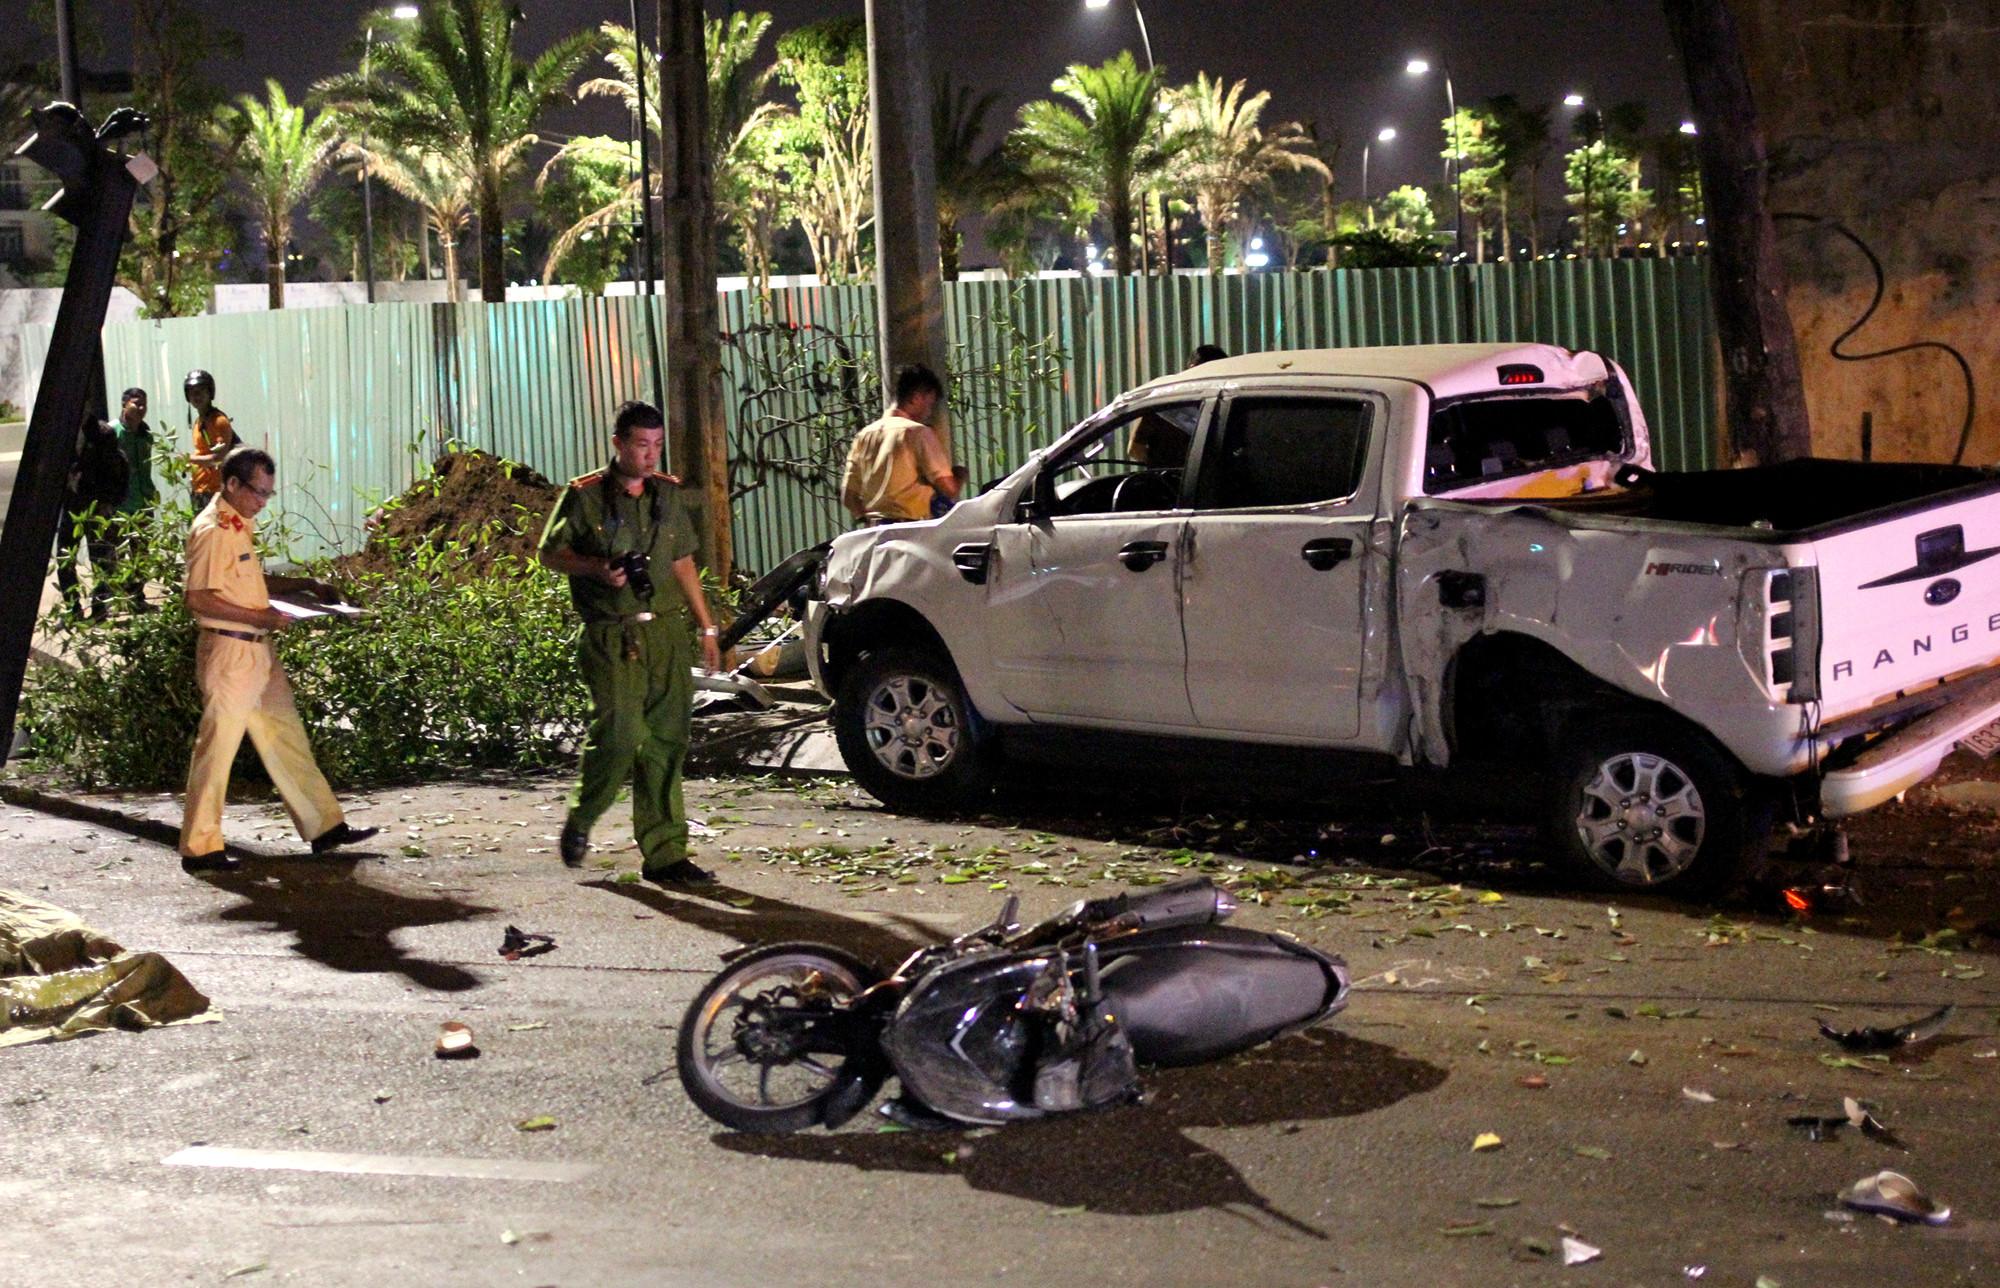 Ô tô bán tải tông hàng loạt xe máy ở trung tâm Sài Gòn, 2 người chết